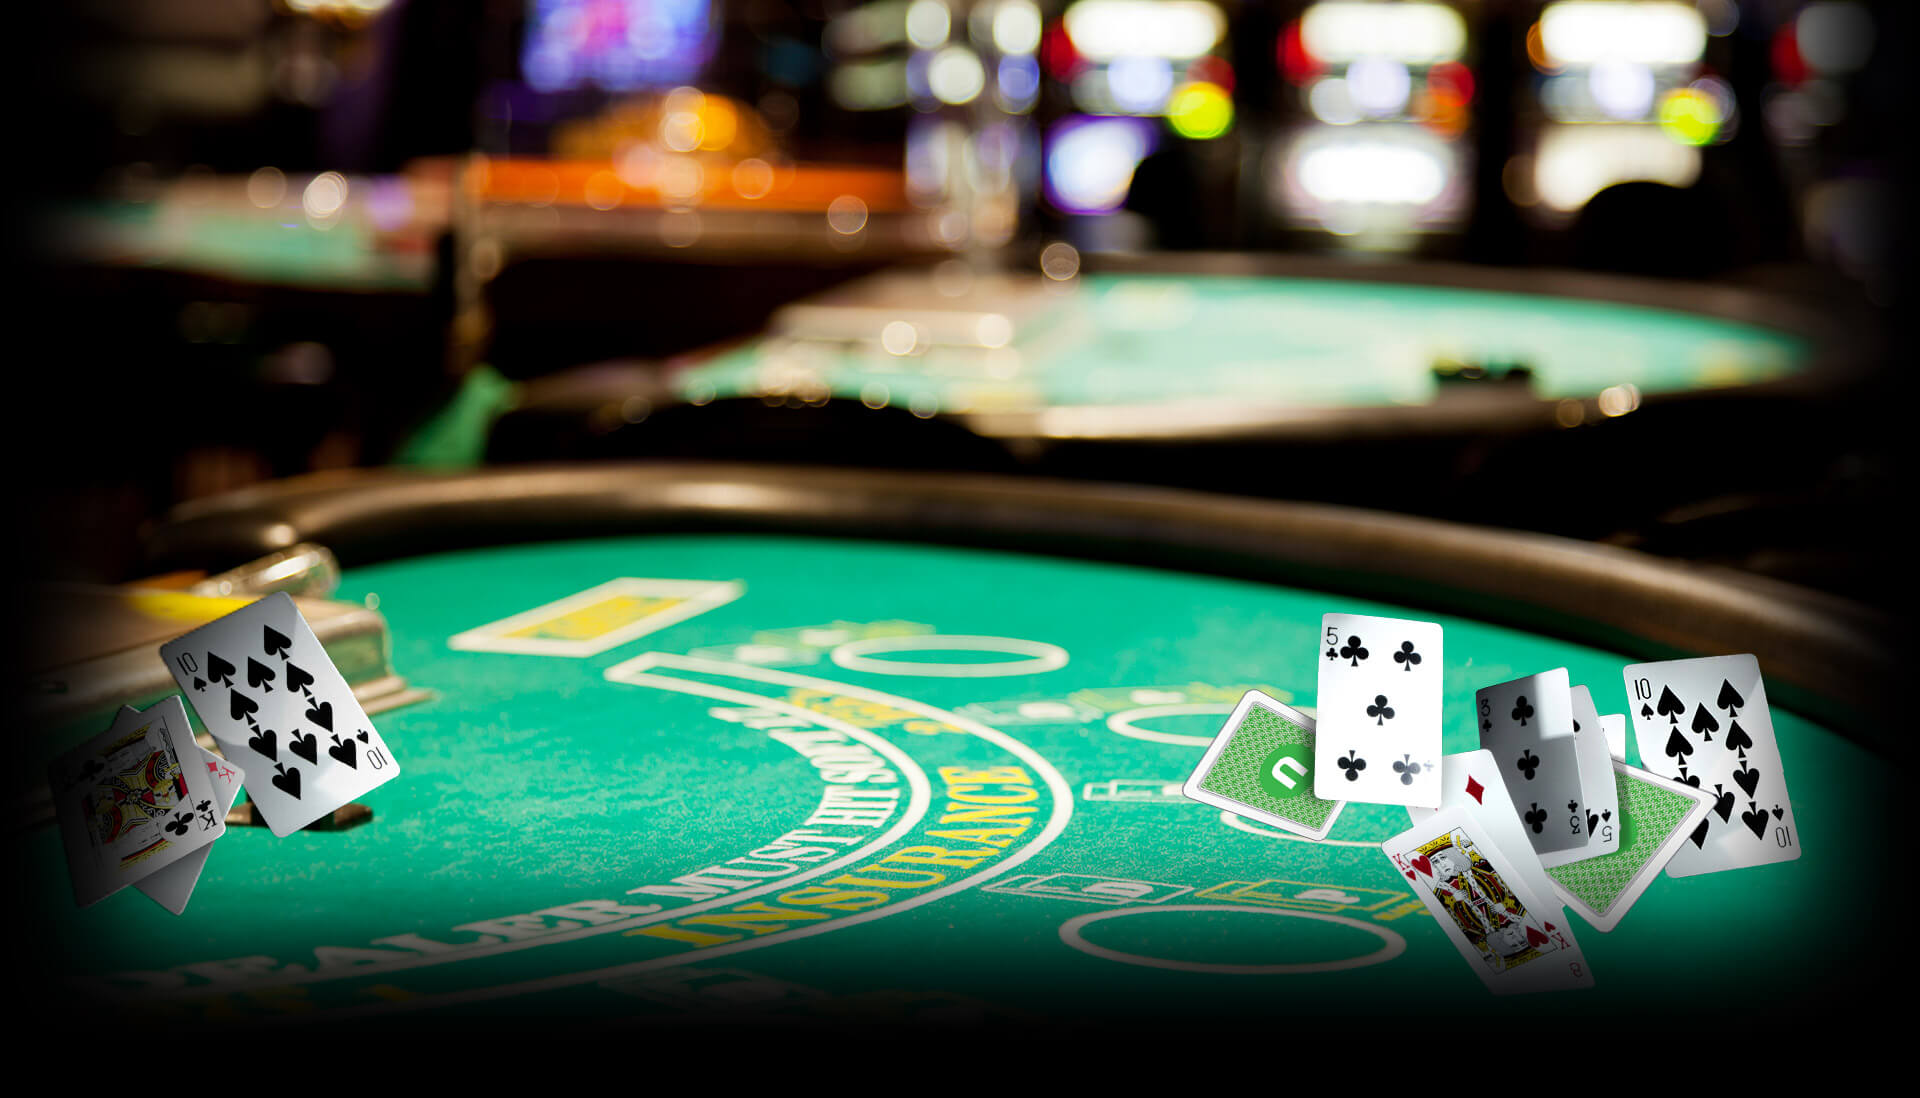 I migliori giochi sui casino online